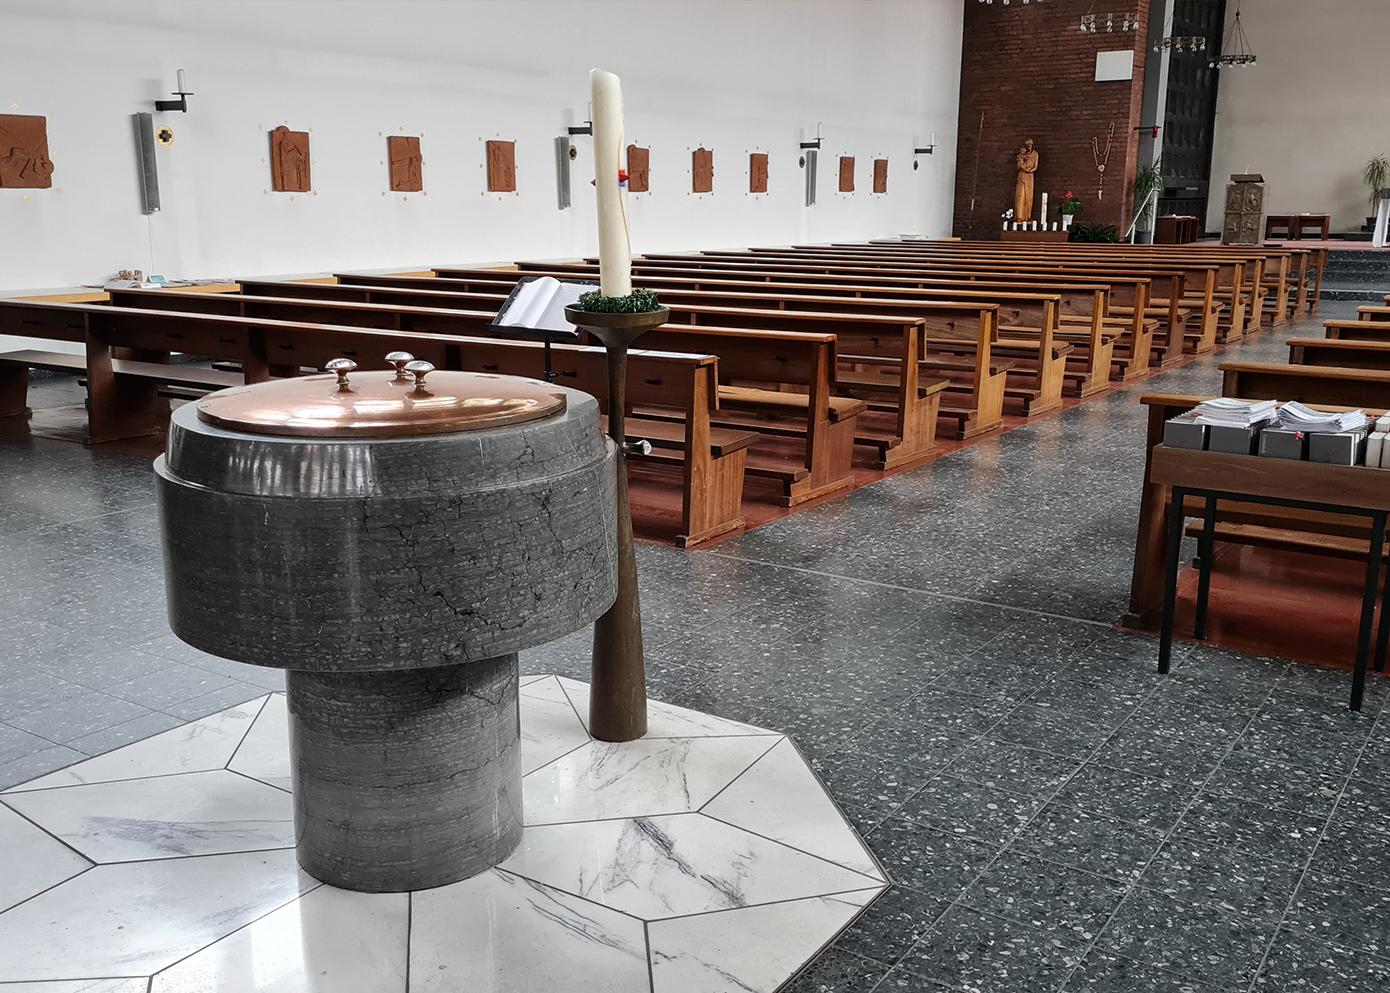 Inventar von St. Joseph bekommt in Polen neue Heimstatt